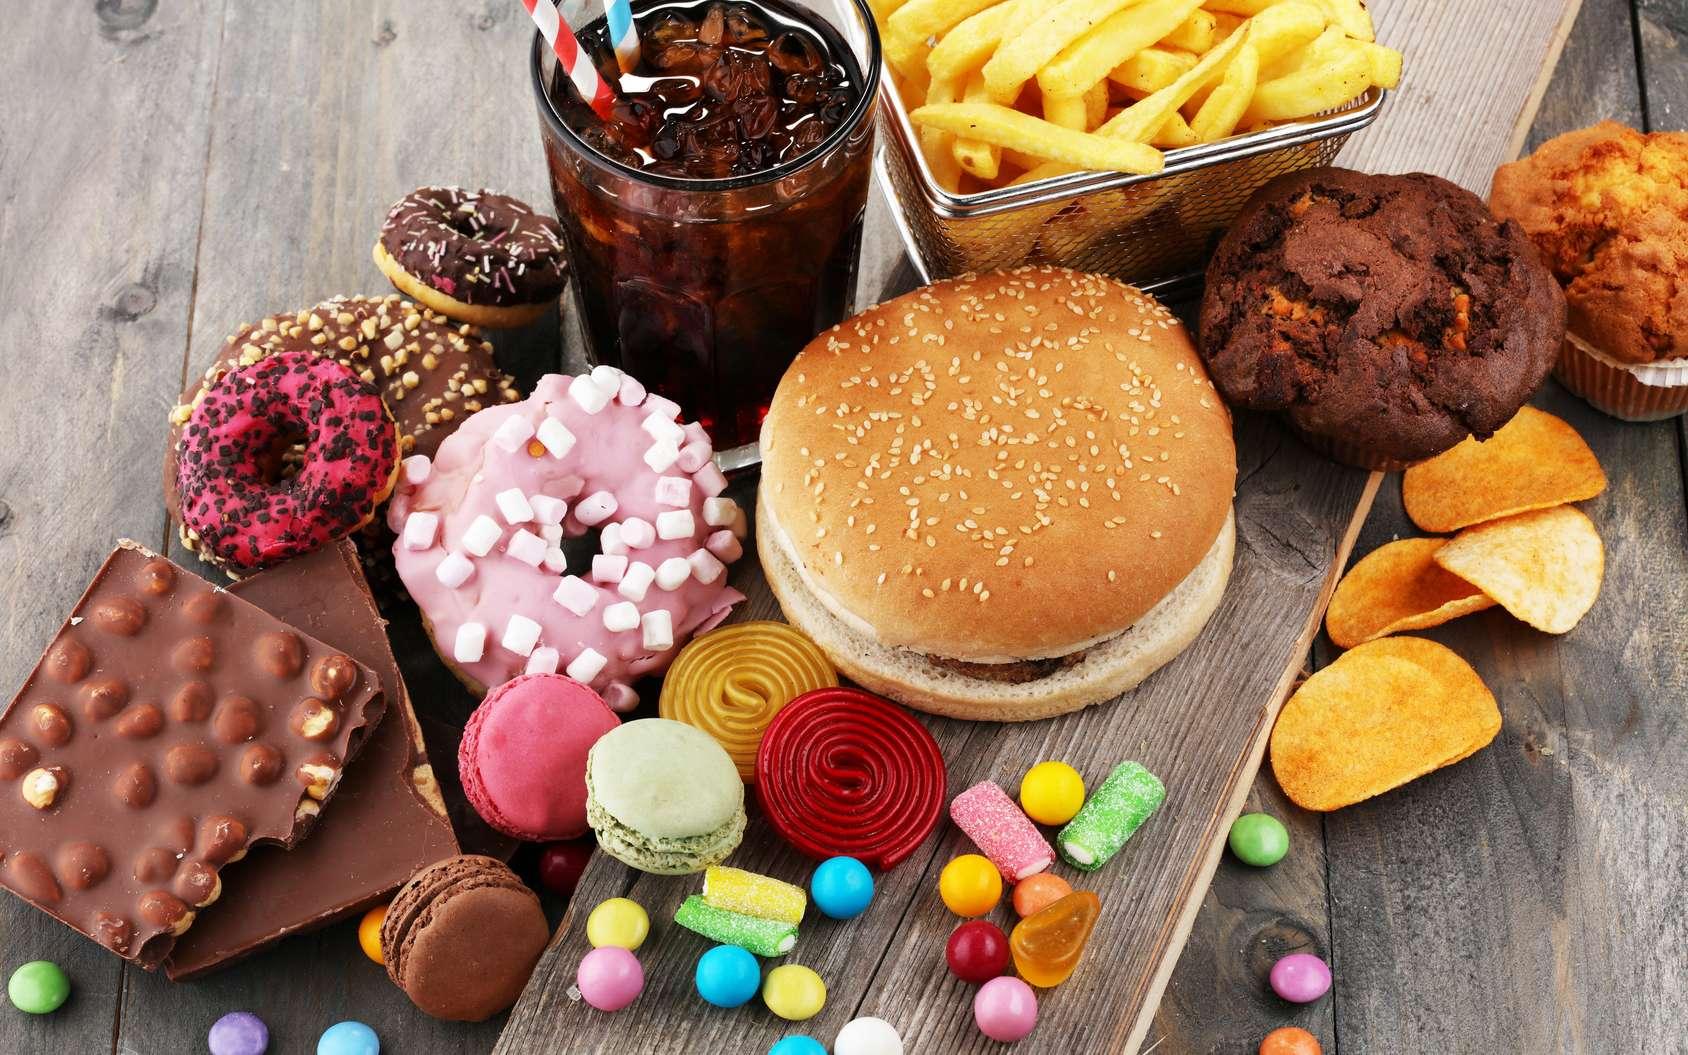 Quiz Parmi Ces Aliments Lequel Contient Le Plus De Sucre